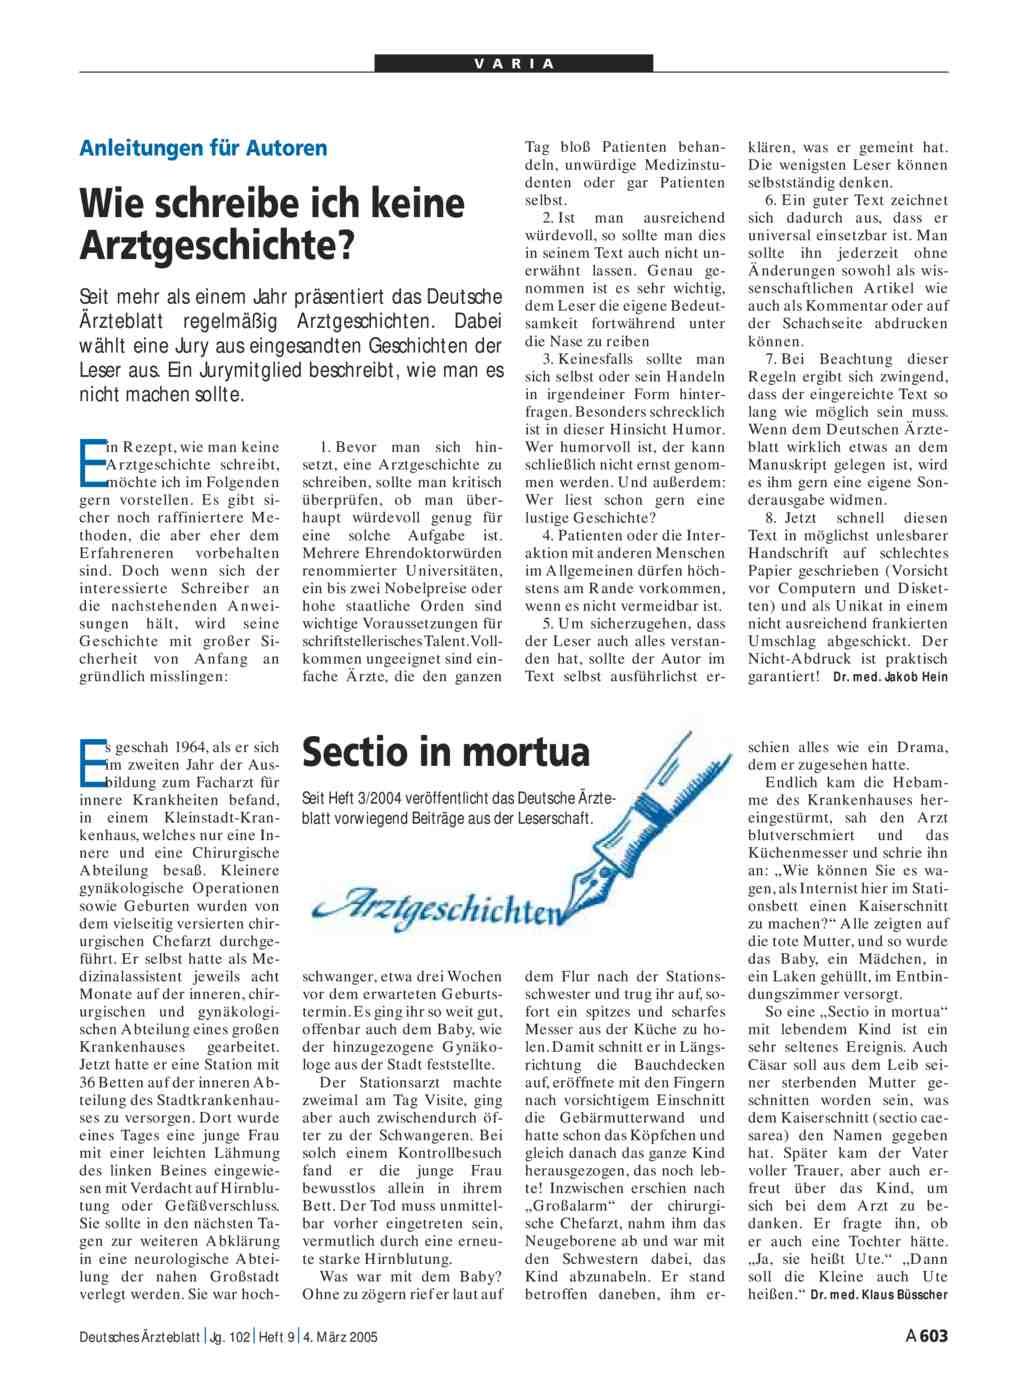 Arztgeschichten: Beiträge aus der Leserschaft. Sectio in mortua